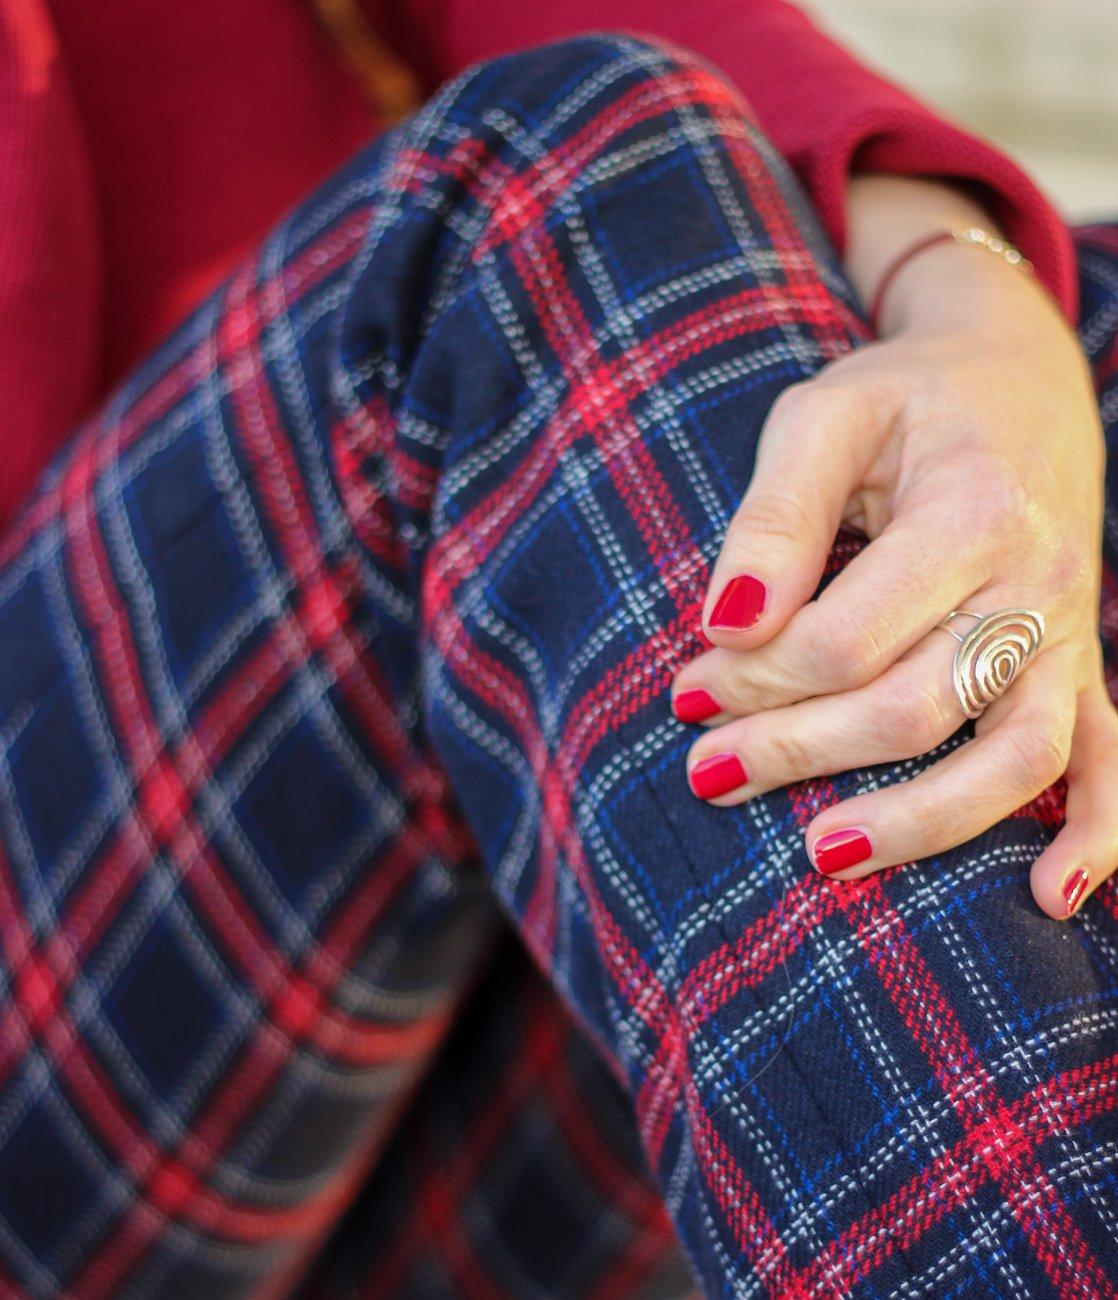 conny doll lifestyle: Karohose lässig gestlyt, sportlicher Look, rot blau und der Blogpost geht übers Älterwerden